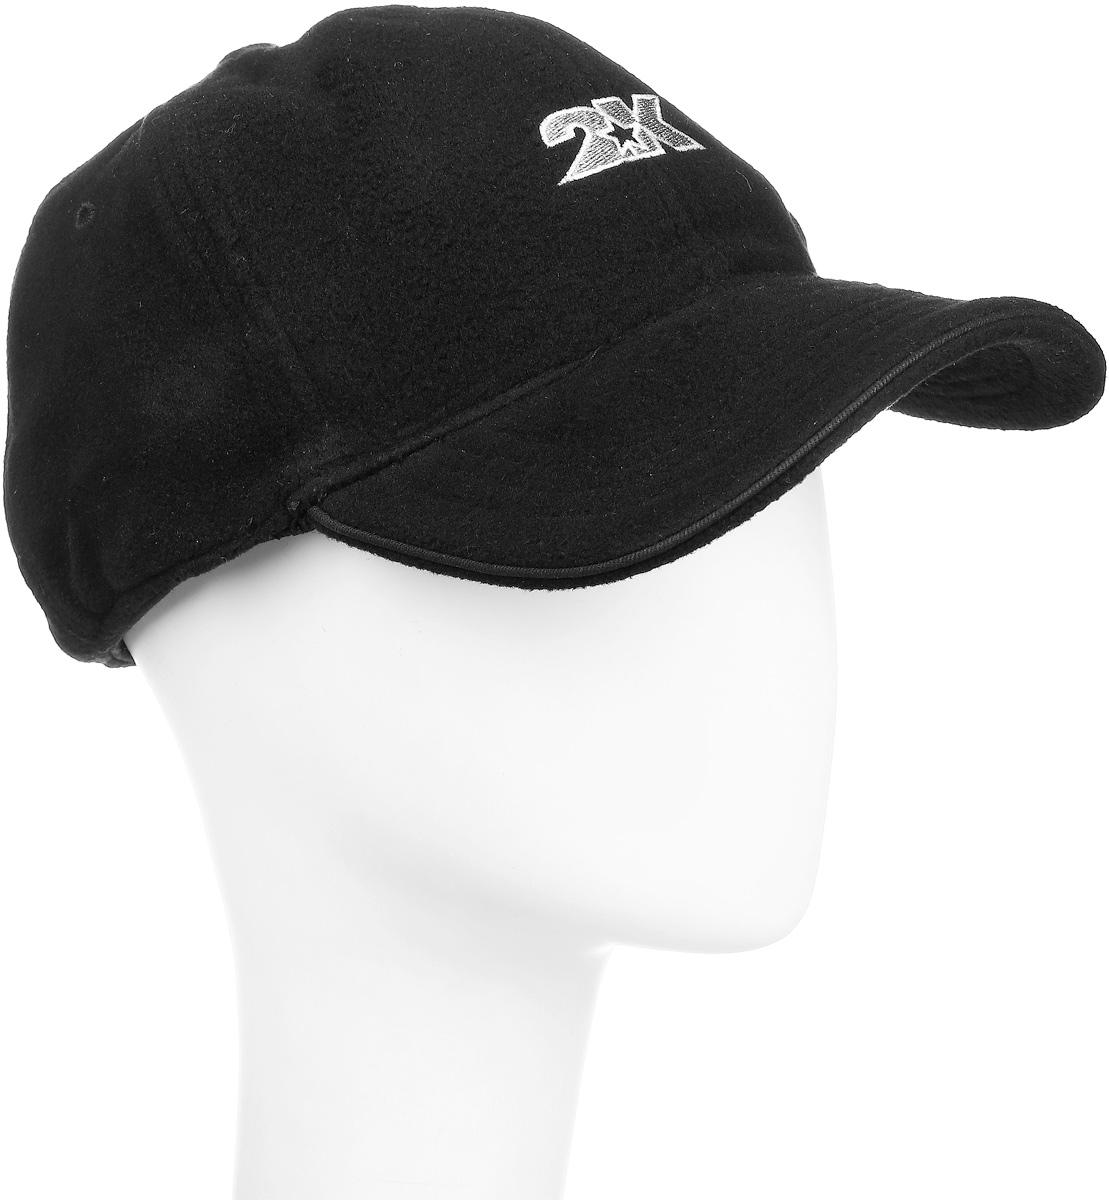 Бейсболка124234_blackБейсболка 2K Sport Vancouver выполнена из утепленного полиэстера и оформлена фирменной вышивкой. Модель с плотным козырьком дополнена планкой, защищающей уши и шею от ветра. Планку можно загибать внутрь. Уважаемые клиенты! Размер, доступный для заказа, является обхватом головы.